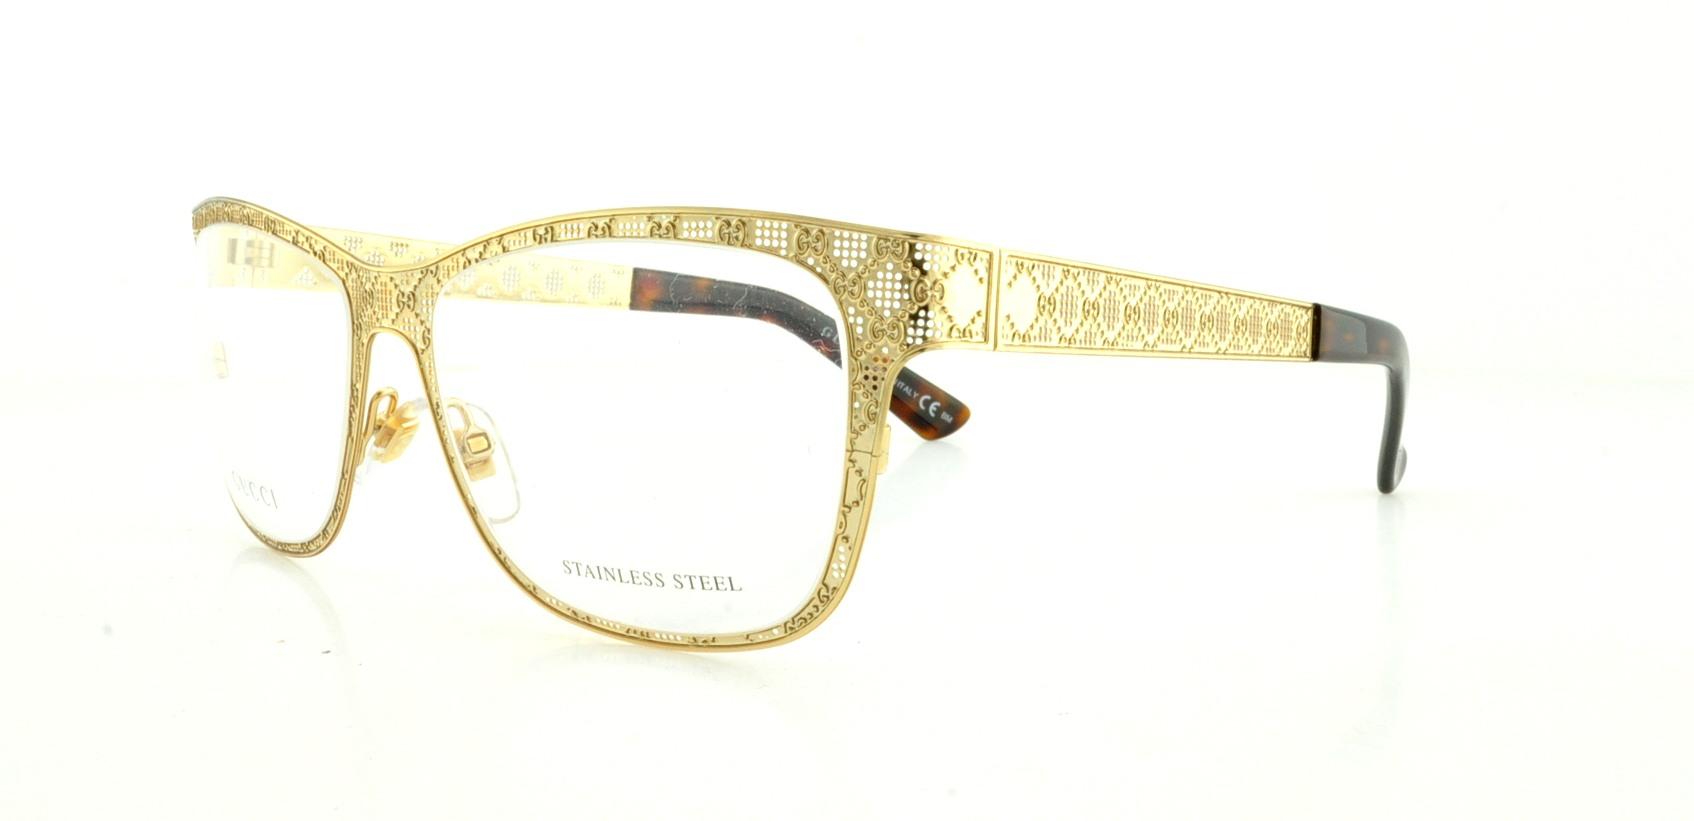 39b86ece2495 Designer Frames Outlet. Gucci 4267